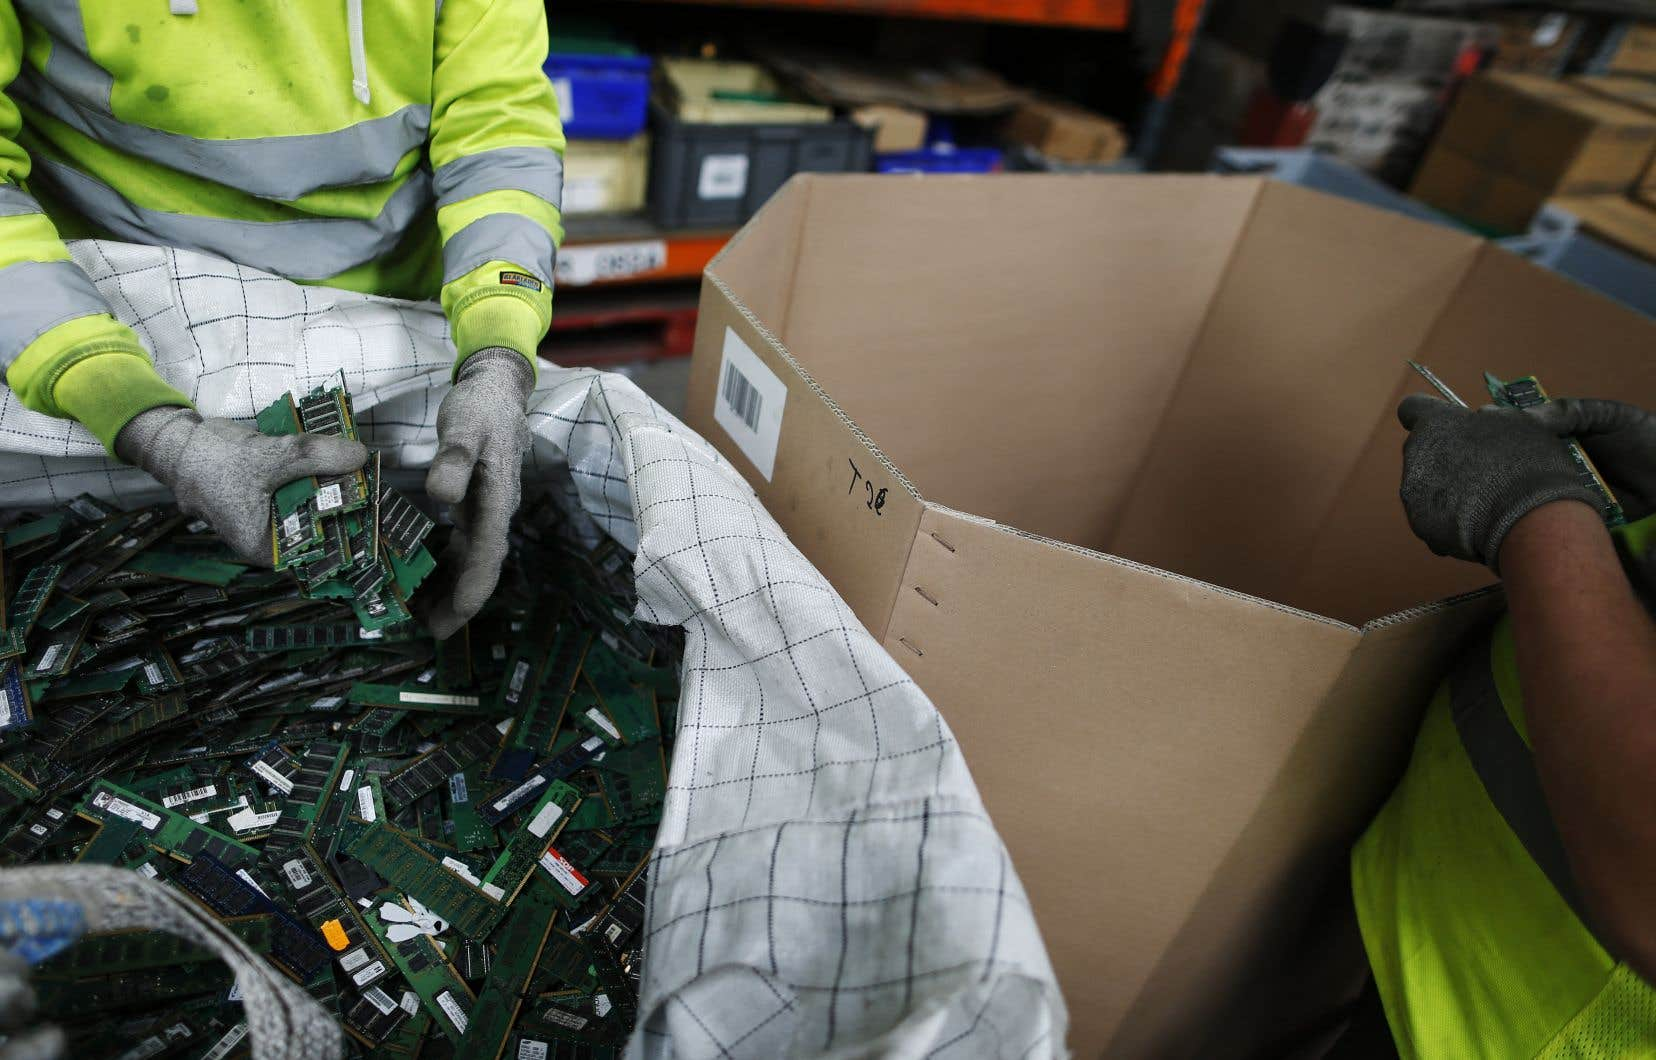 «La plupart des déchets électroniques sont acheminés vers les marchés internationaux afin d'être recyclés là où une filière économique permet la rentabilité», remarque l'autrice.